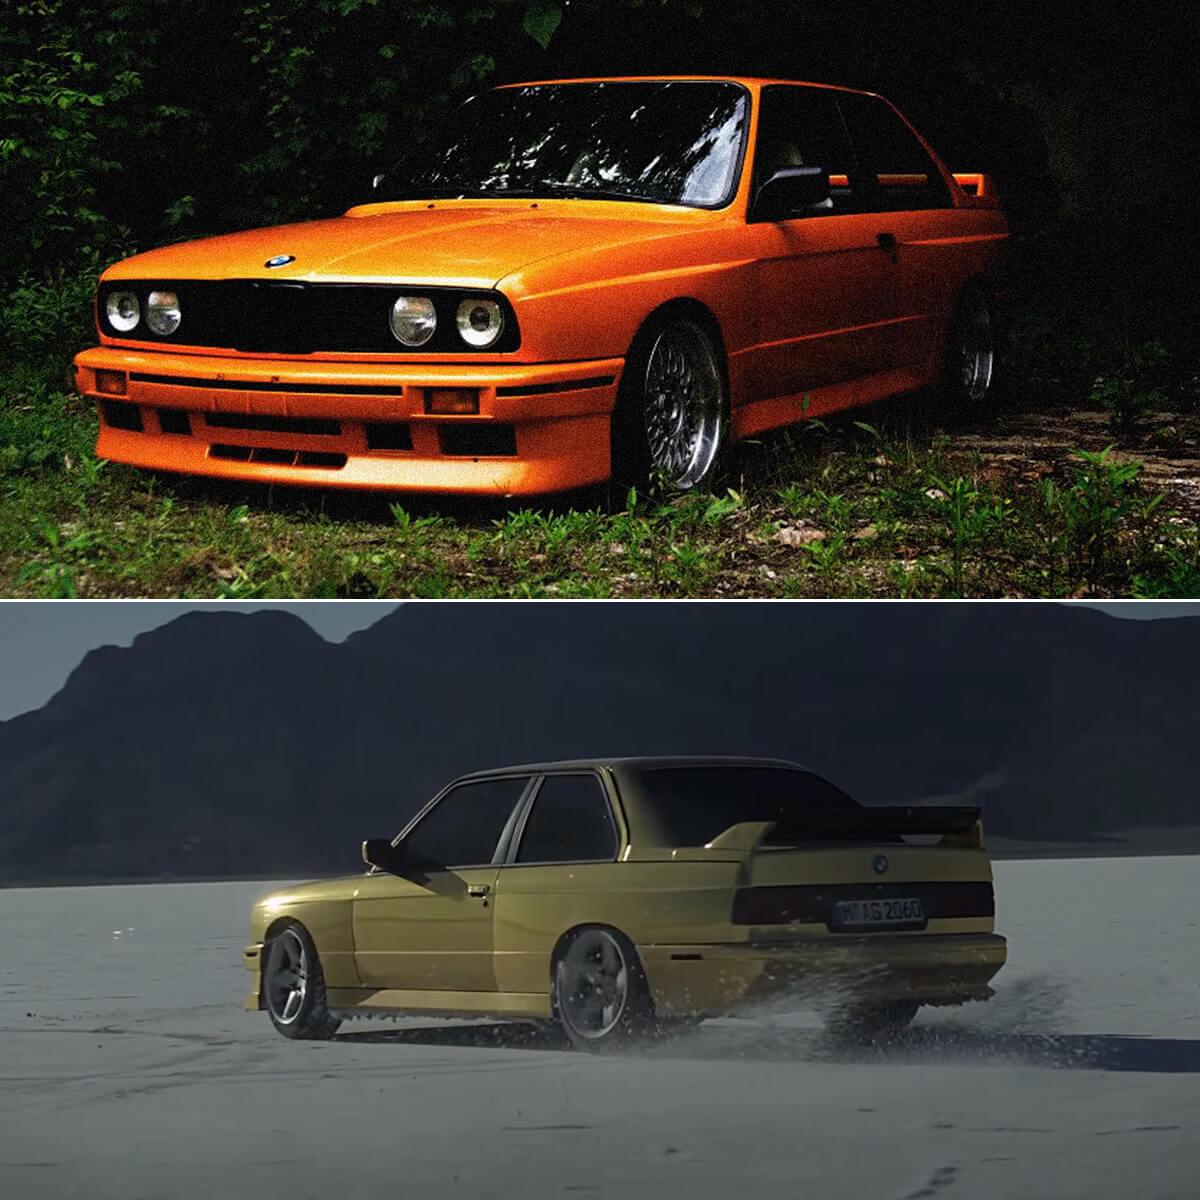 BMW E30 M3 –The Nostalgia Ultra Car